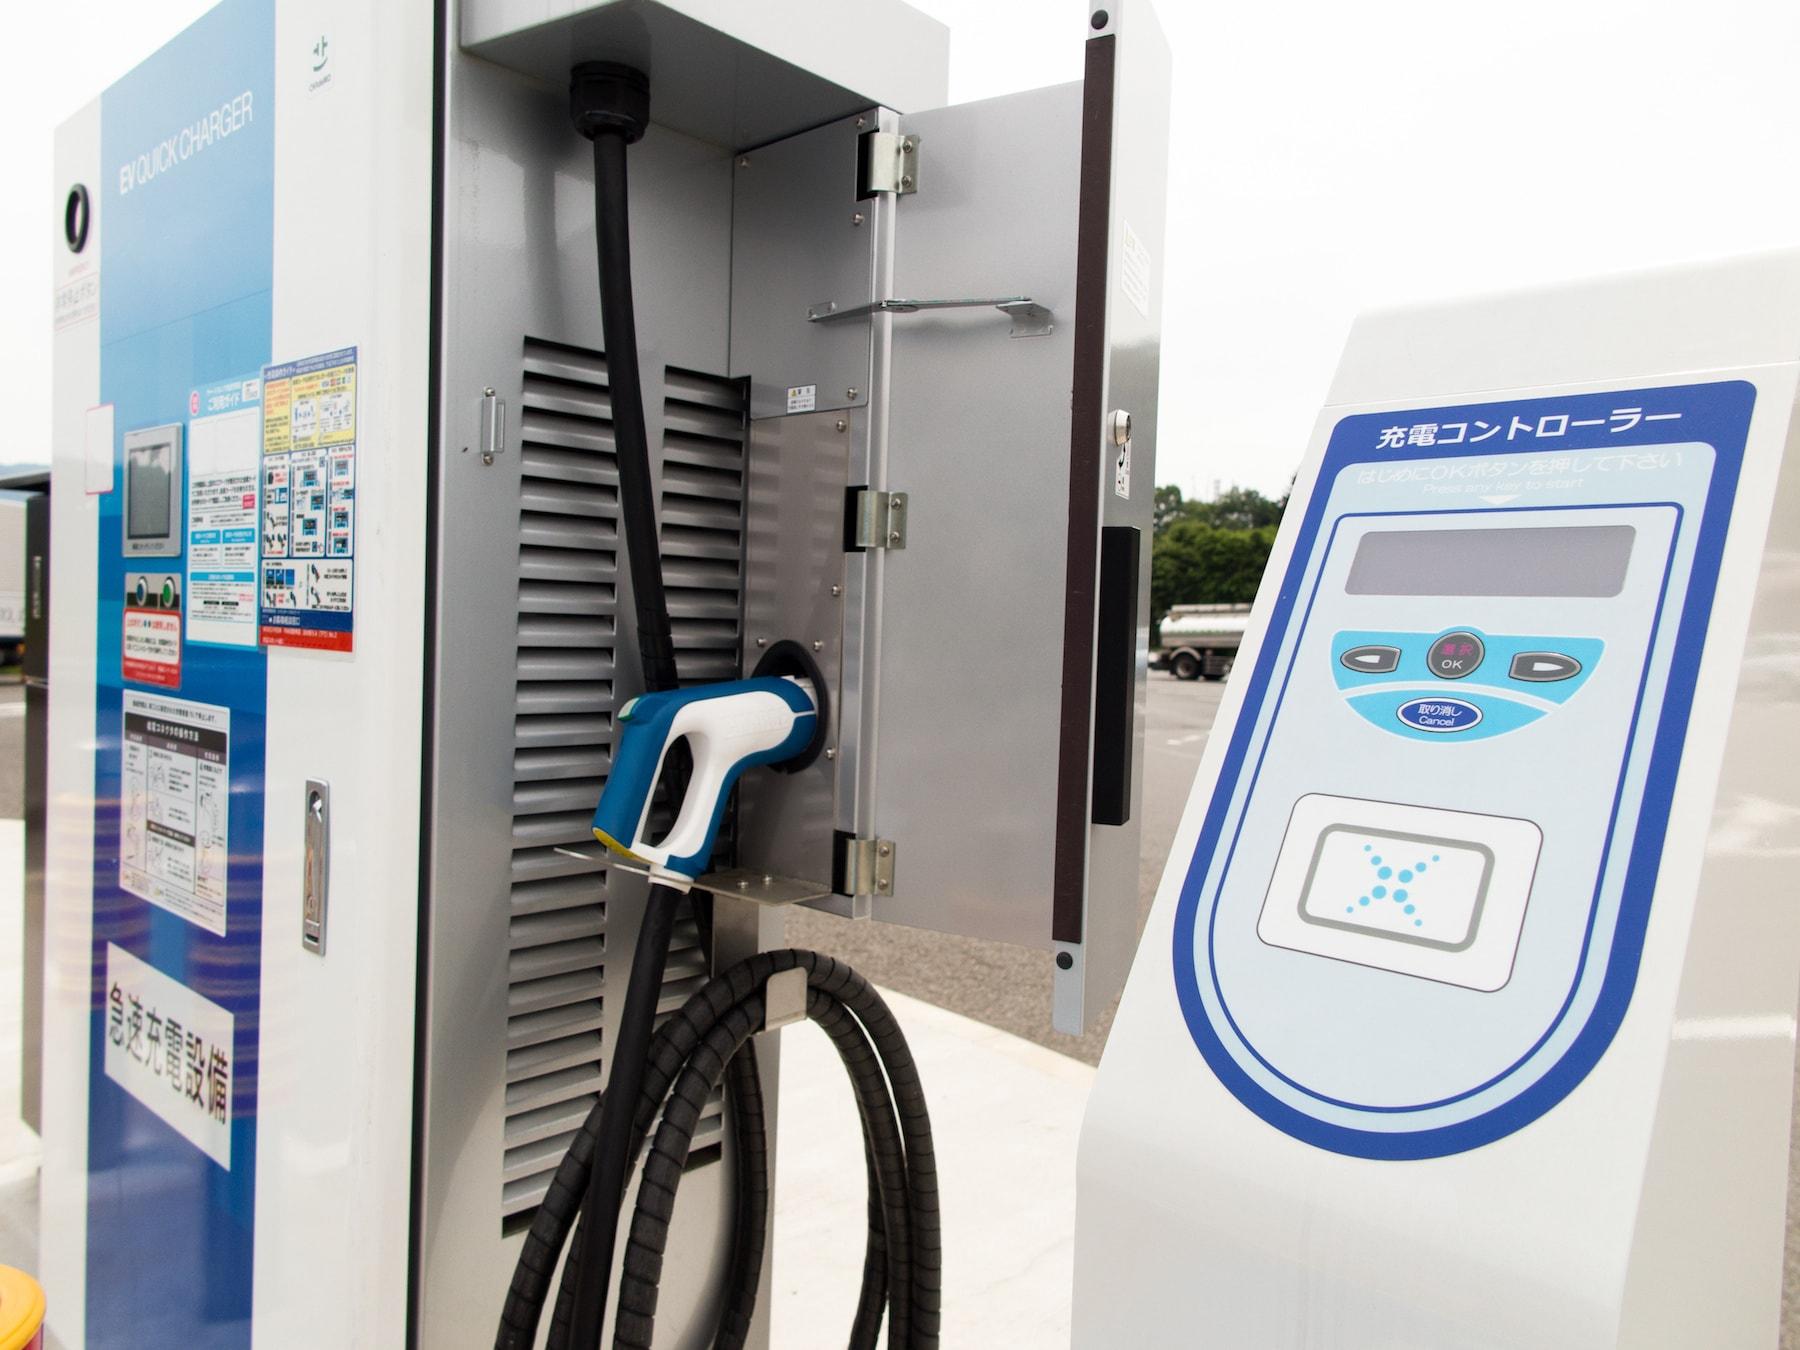 電気自動車の充電スタンド